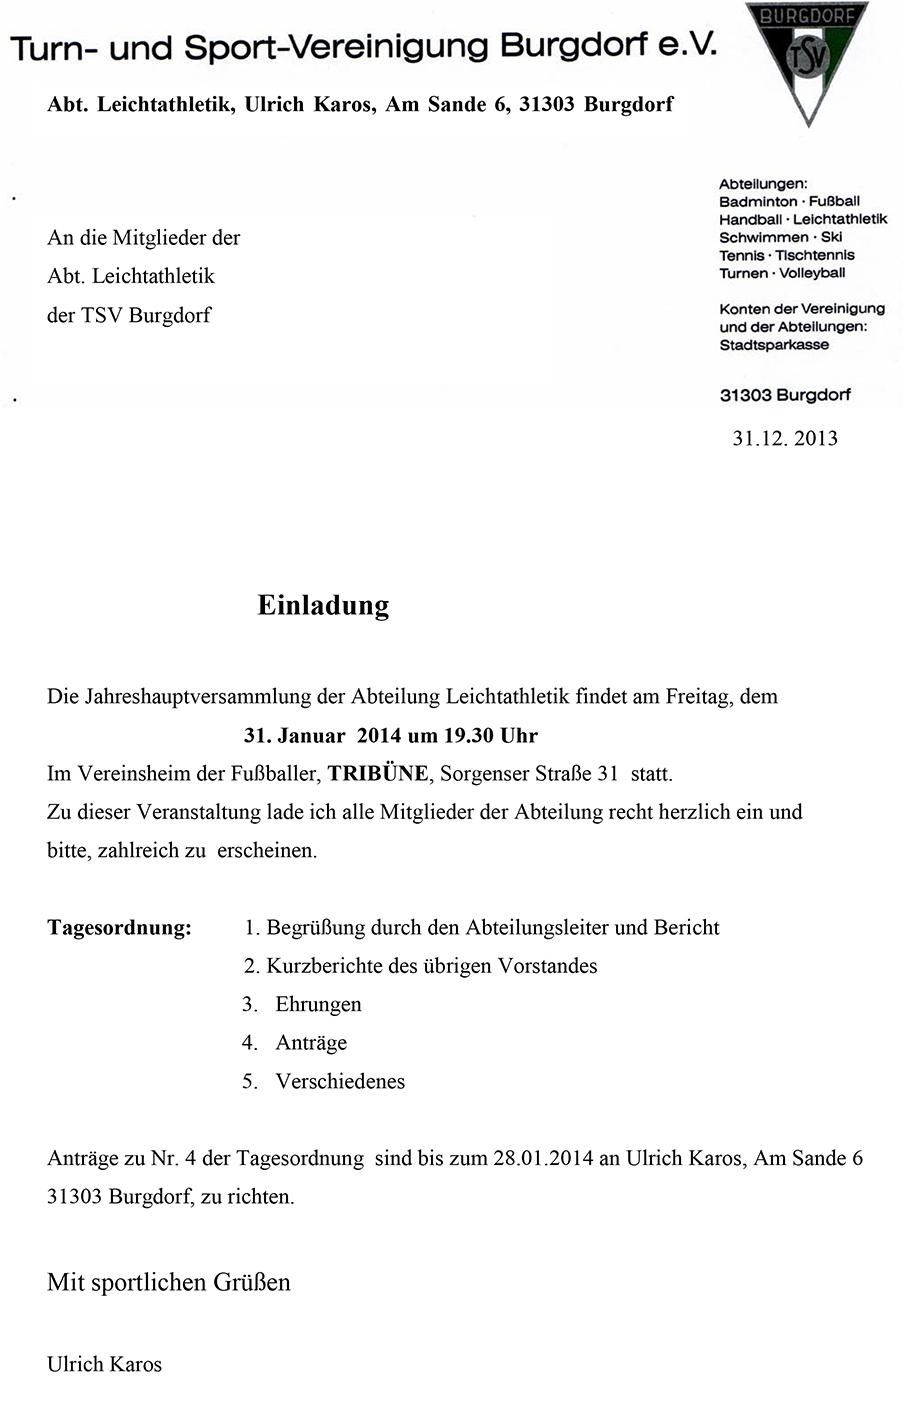 offizieller_Brief_der_Leichtathleten